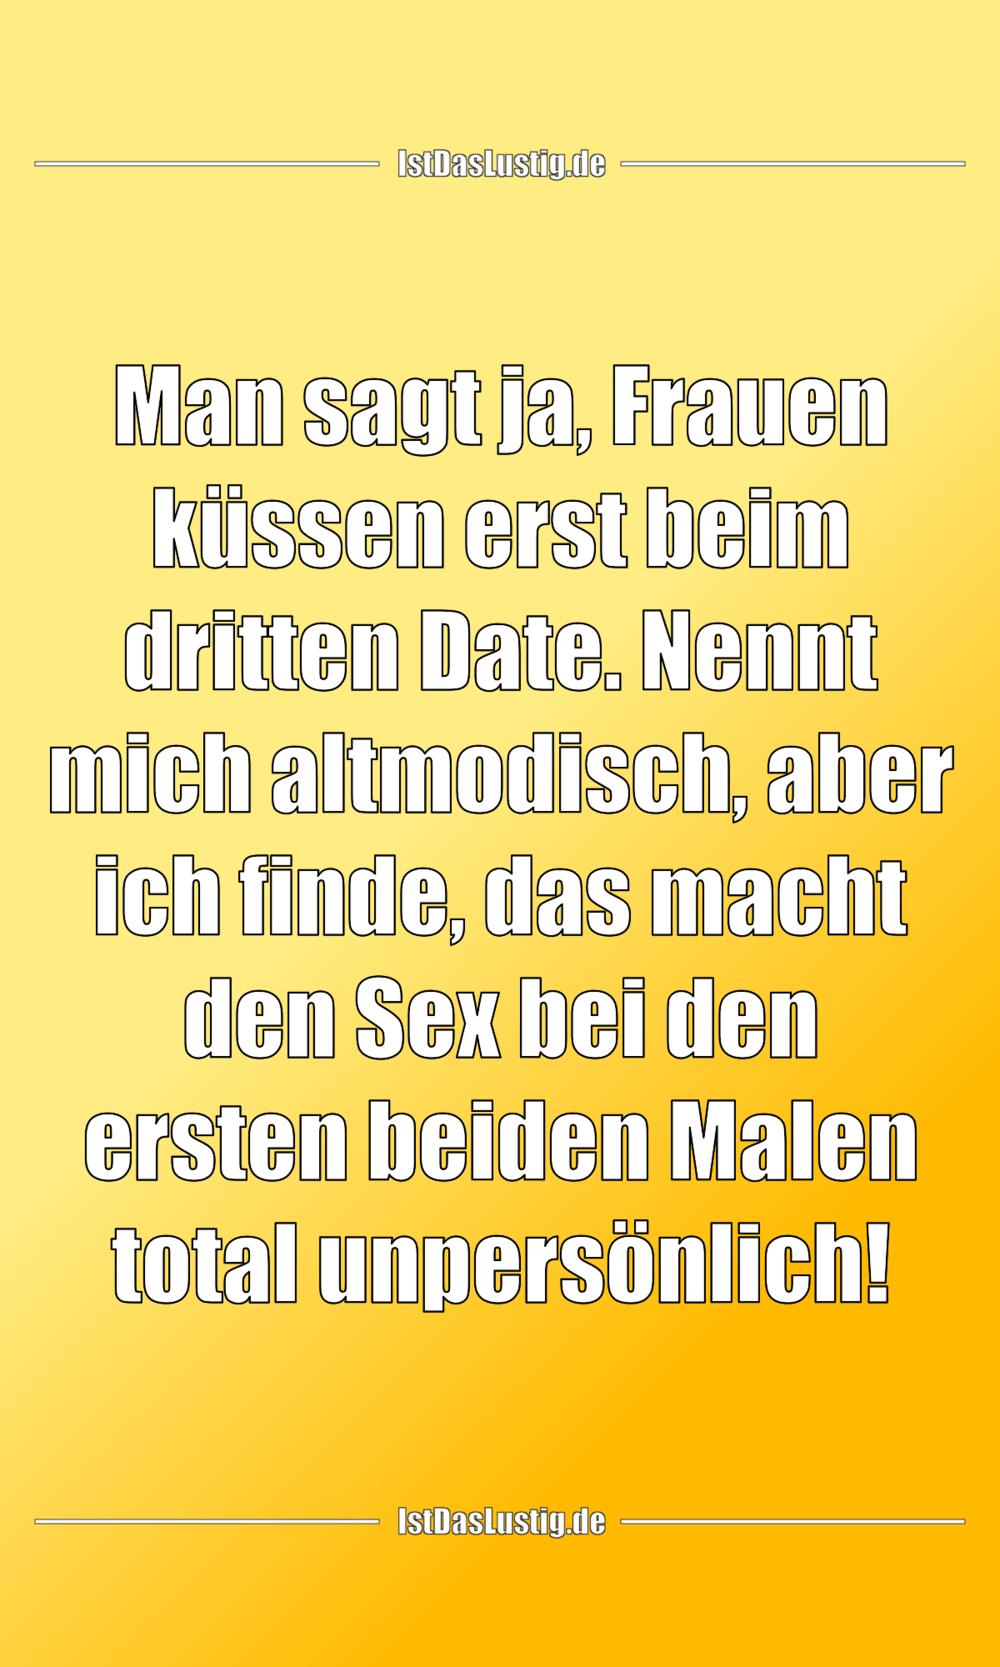 Die besten 98+ Sex Sprüche auf IstDasLustig.de